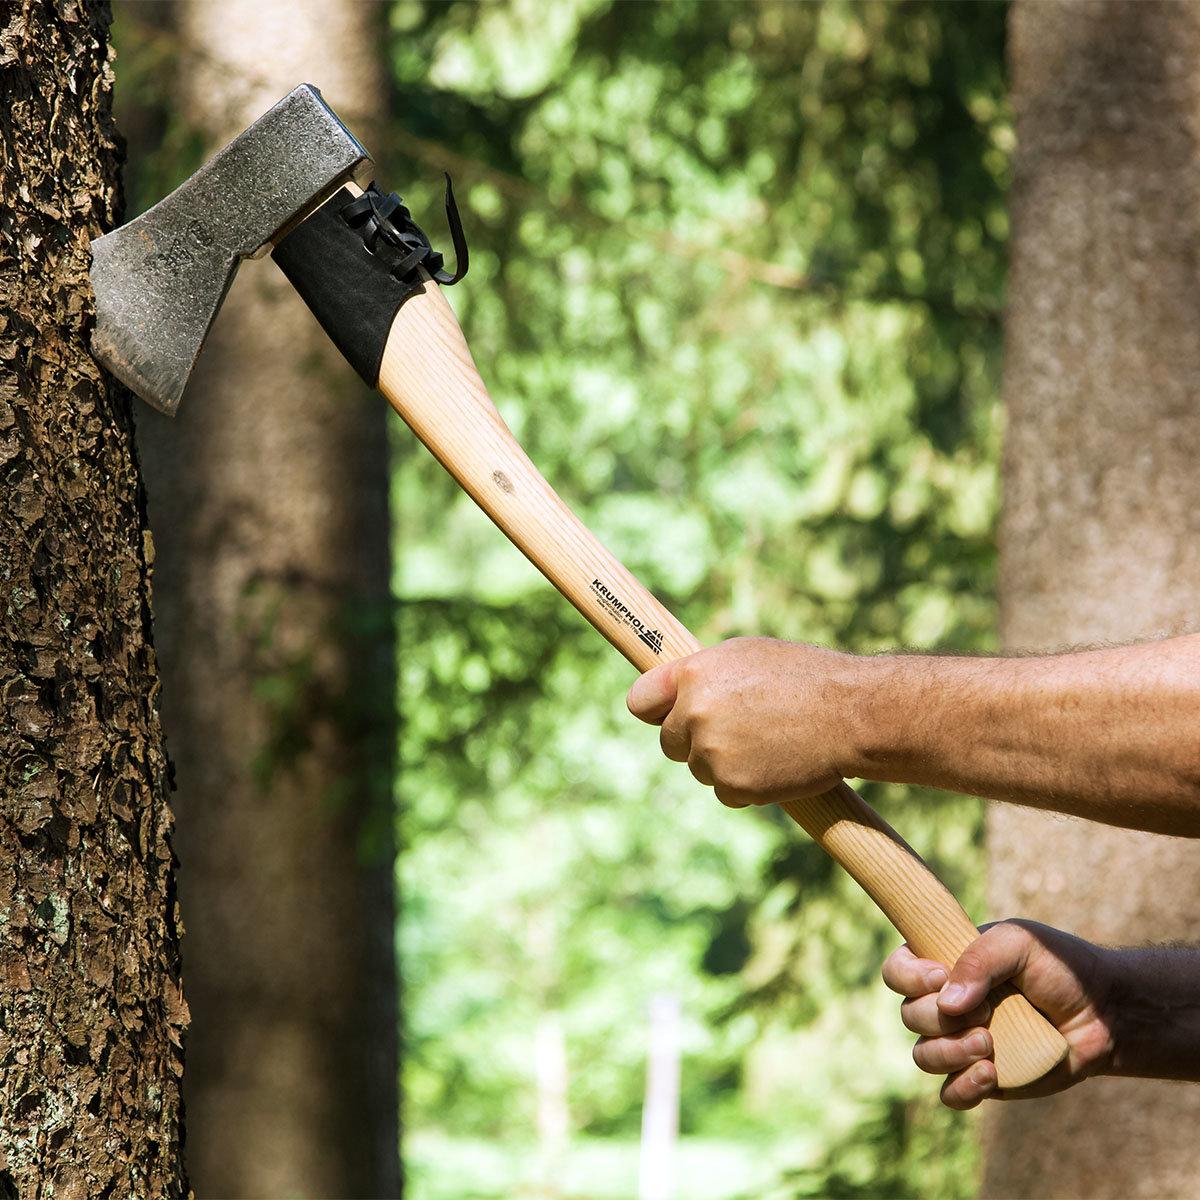 Gartenbeil mit USA-Hickorystiel, Echt-Lederschneidenschutz und Gürtelschnalle, 36 cm   #3